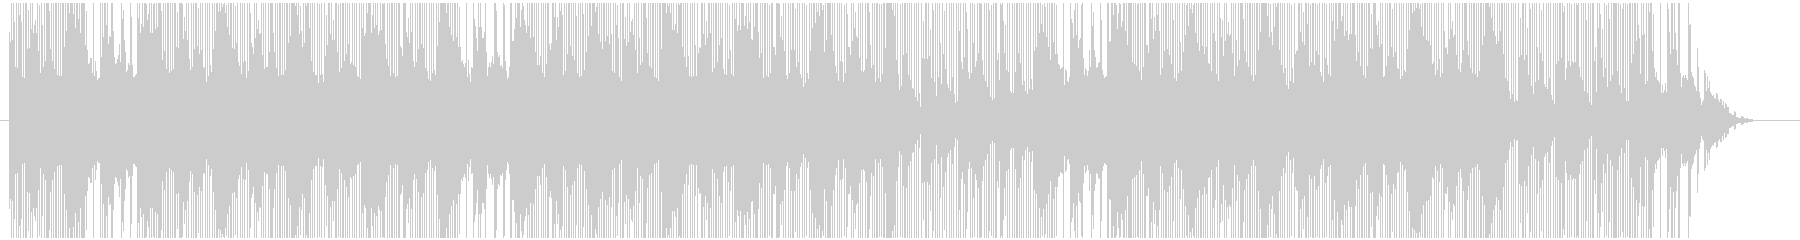 軽快なトラップサウンドの未再生の波形